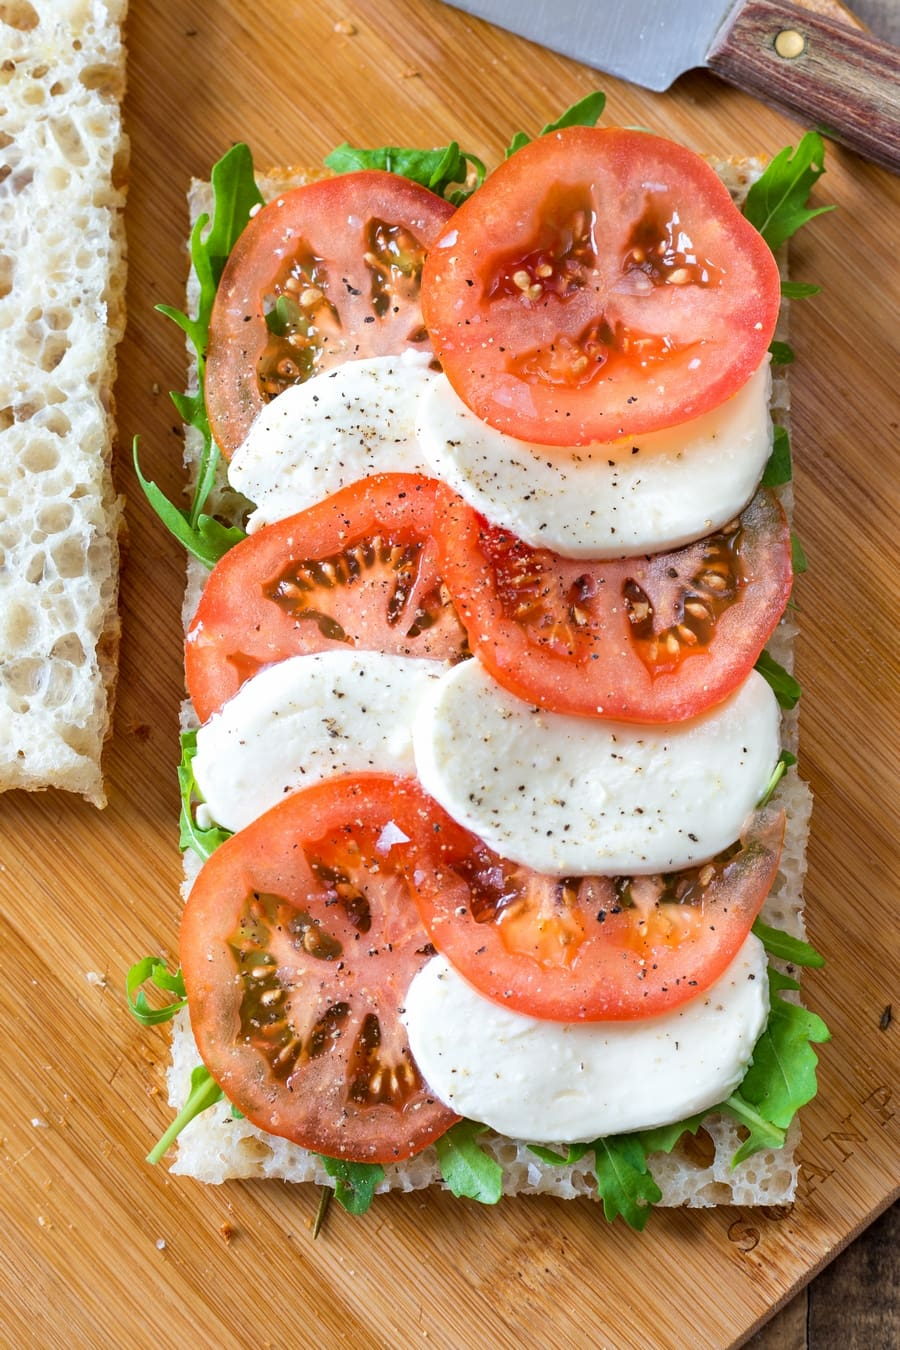 Caprese tomato and mozzarella slices on focaccia bread with rocket salad.